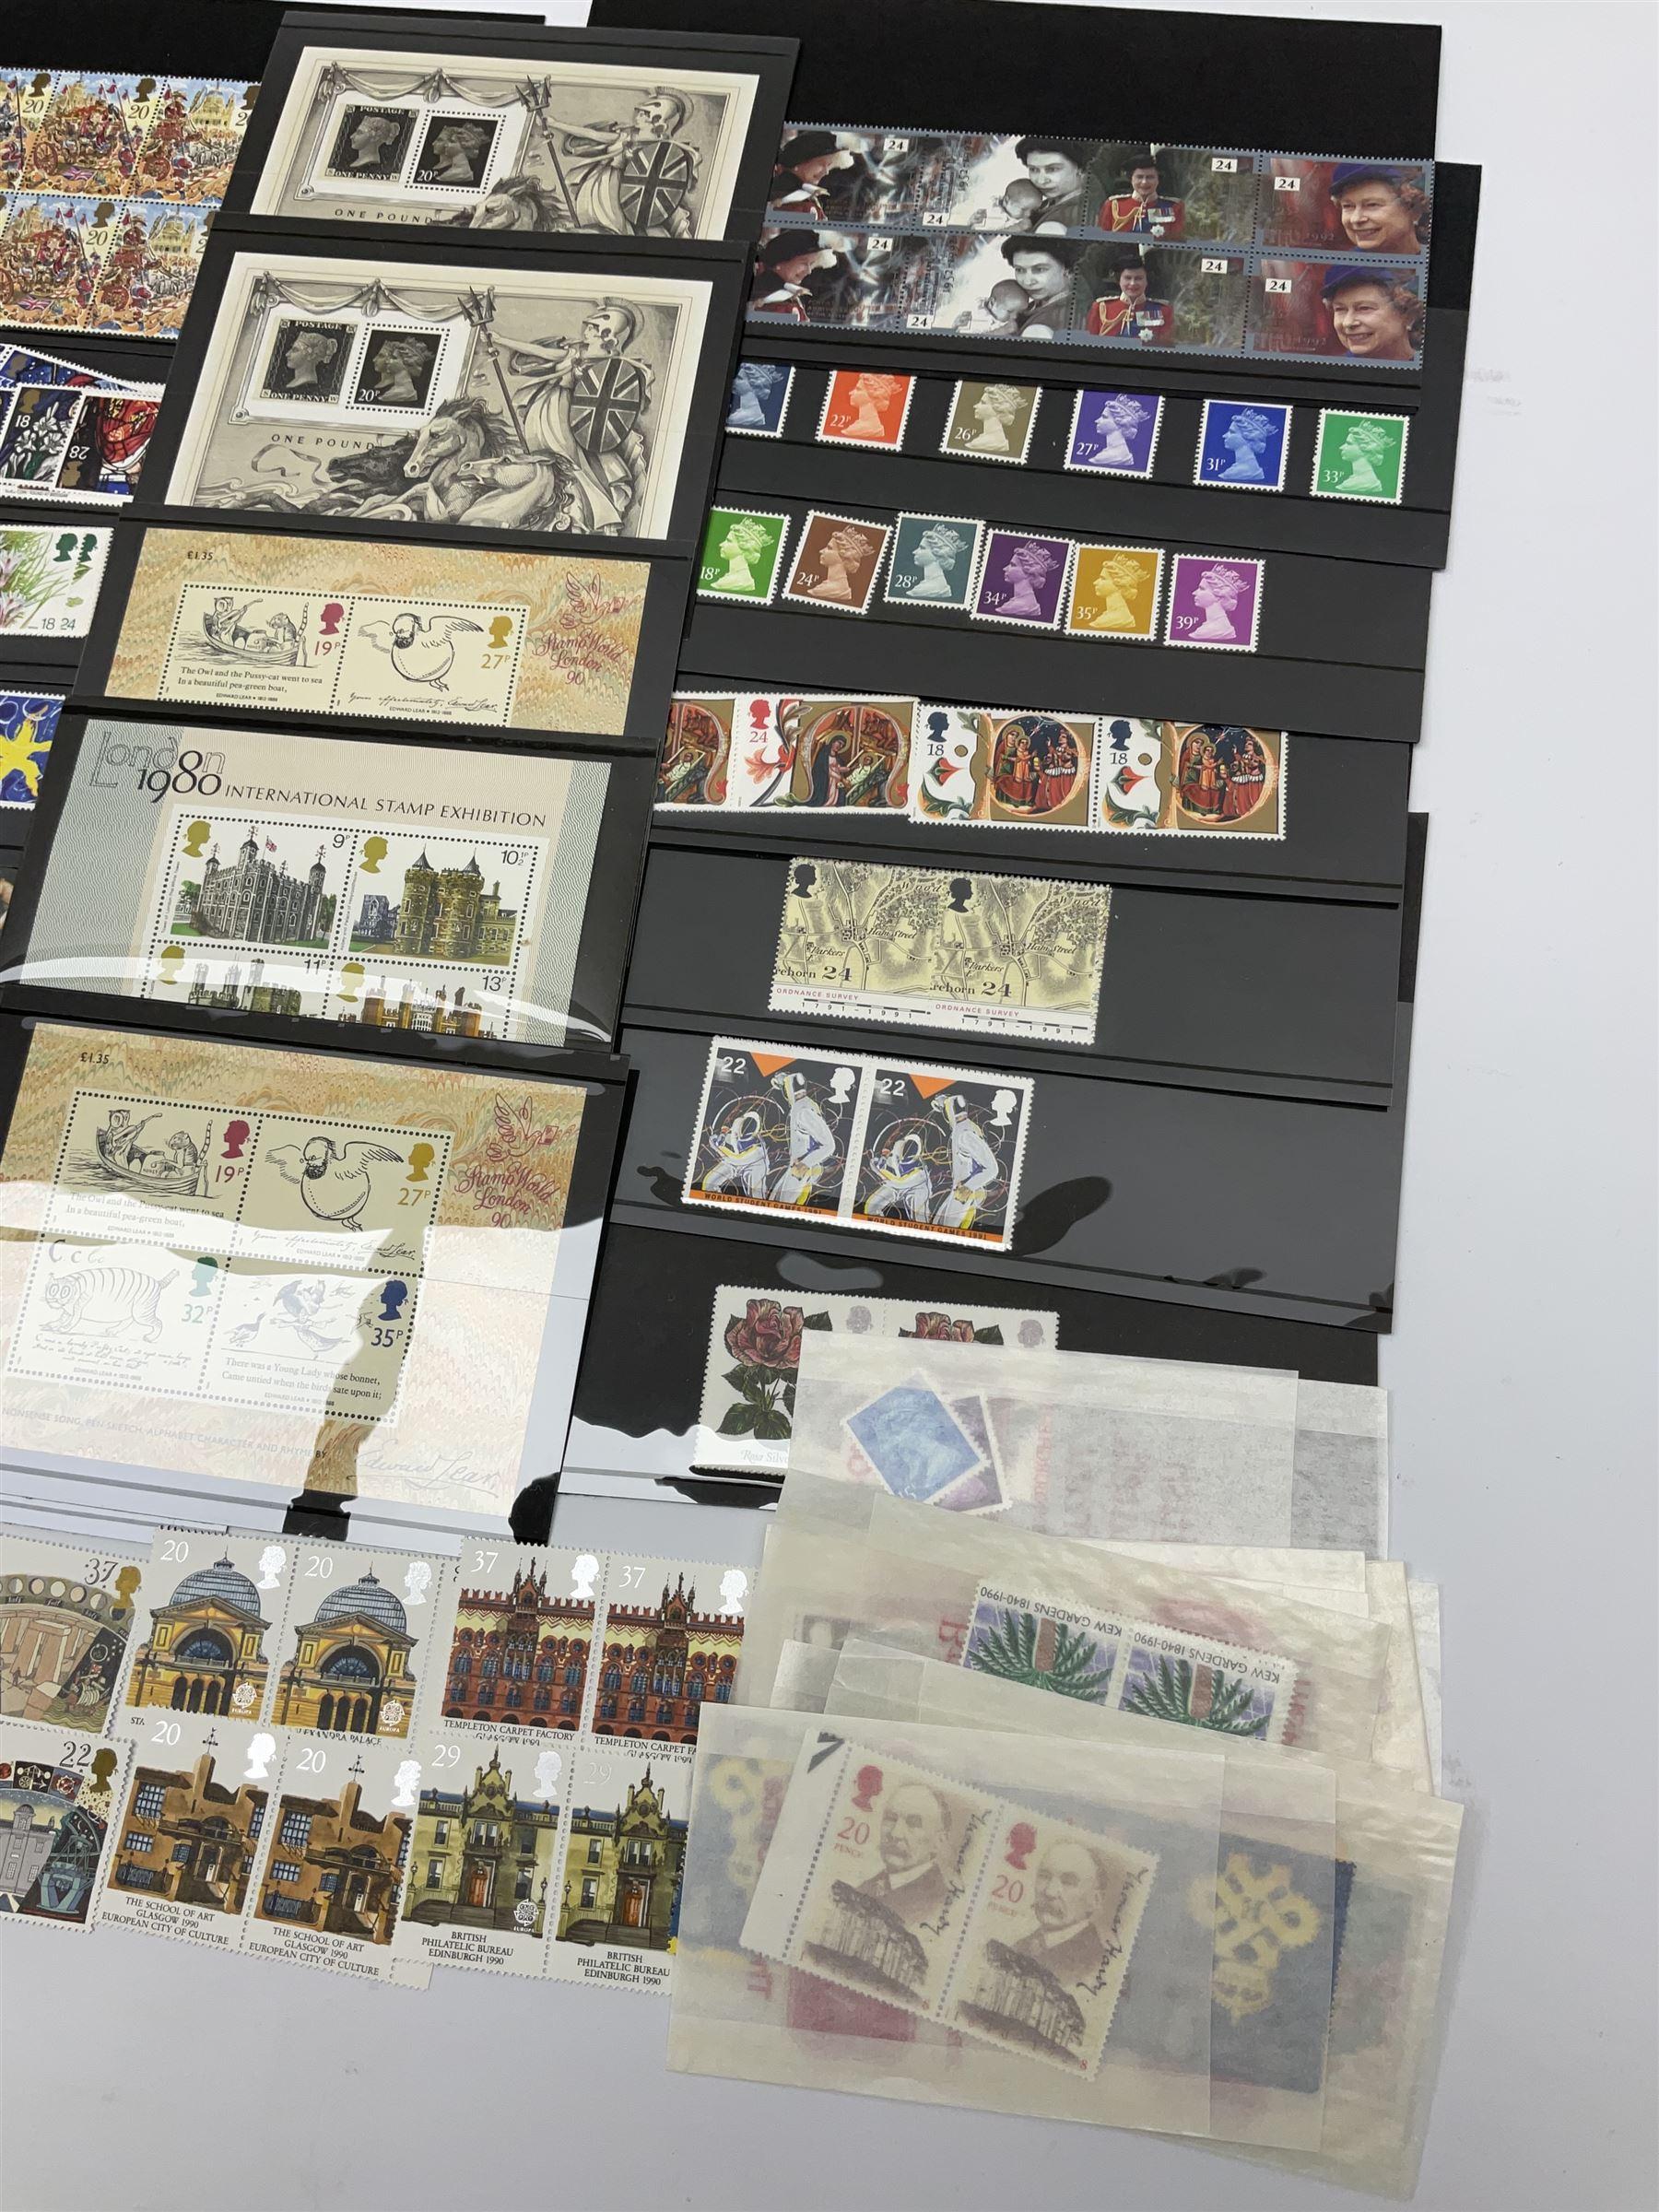 Queen Elizabeth II mint decimal stamps - Image 4 of 4